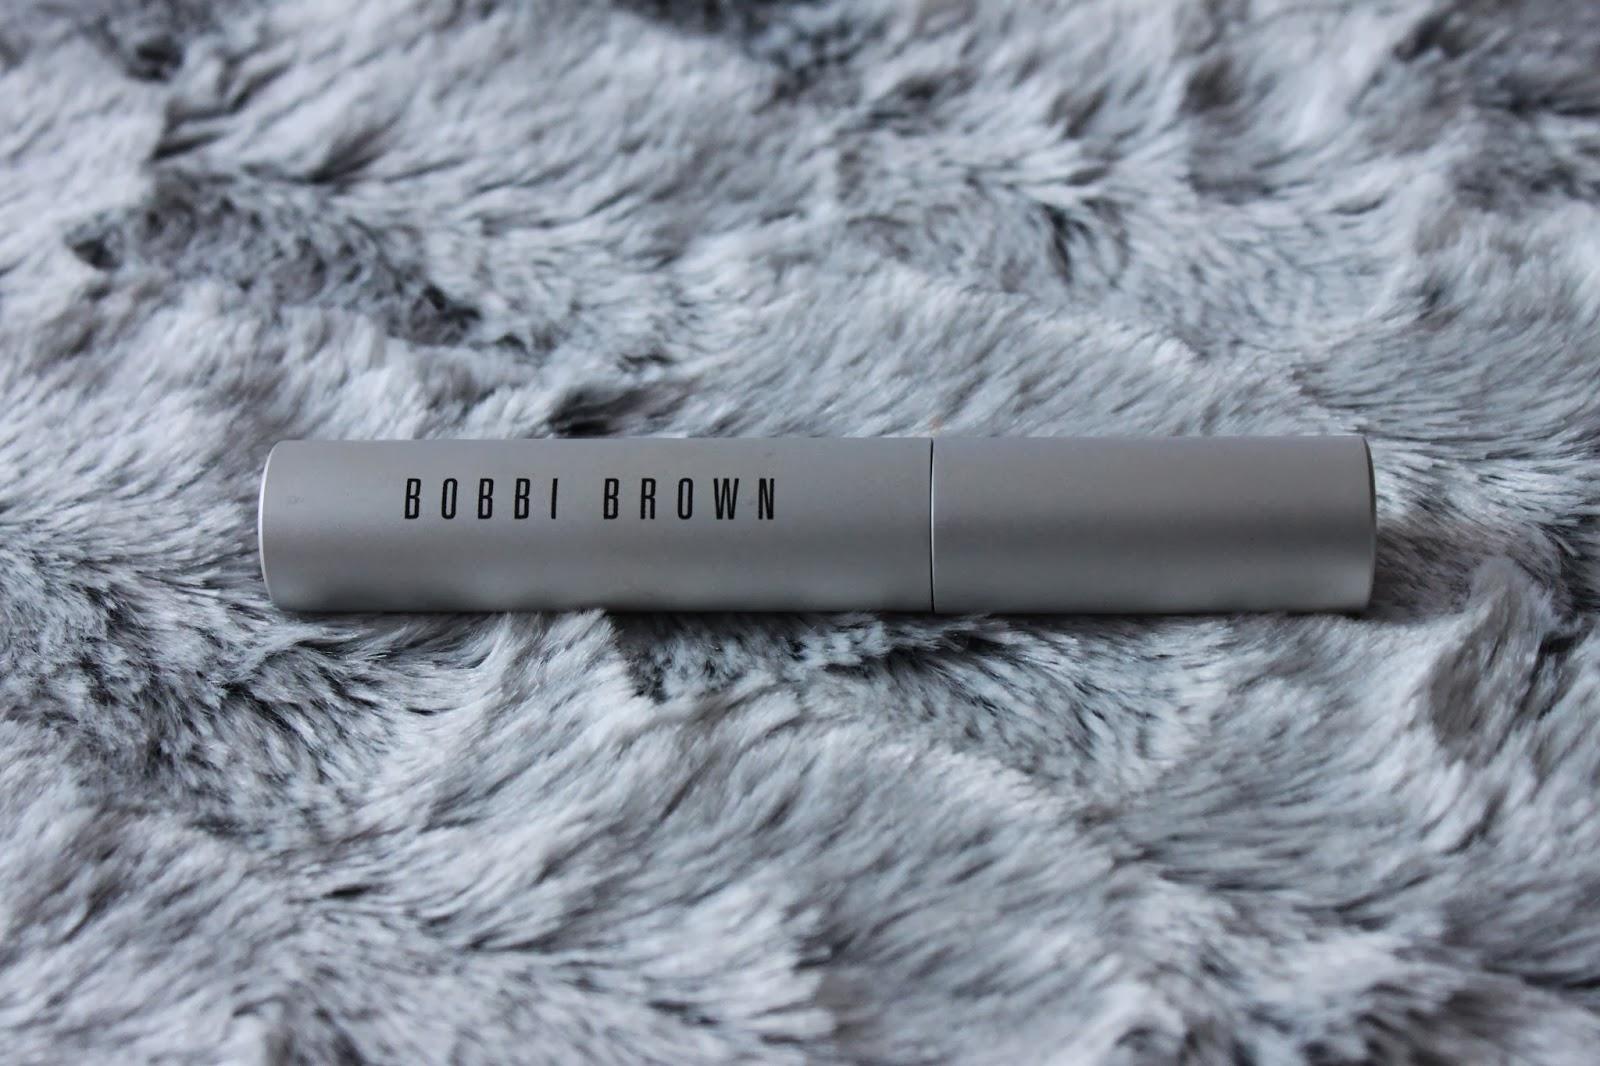 Review Bobbi Brown Smokey Eye Mascara